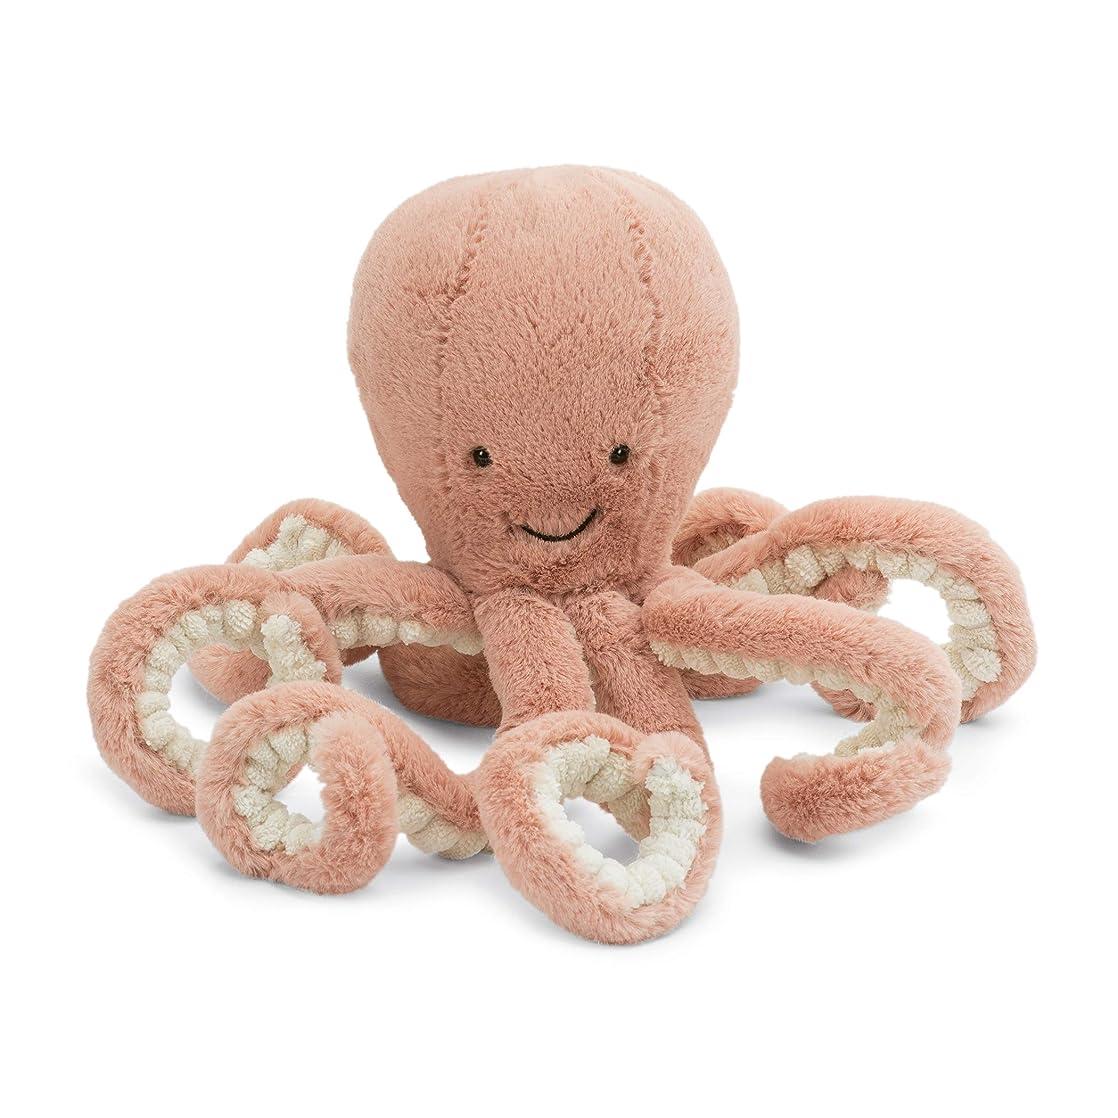 邪魔する恐れモザイクJelly Cat odell octopus baby タコ ぬいぐるみ